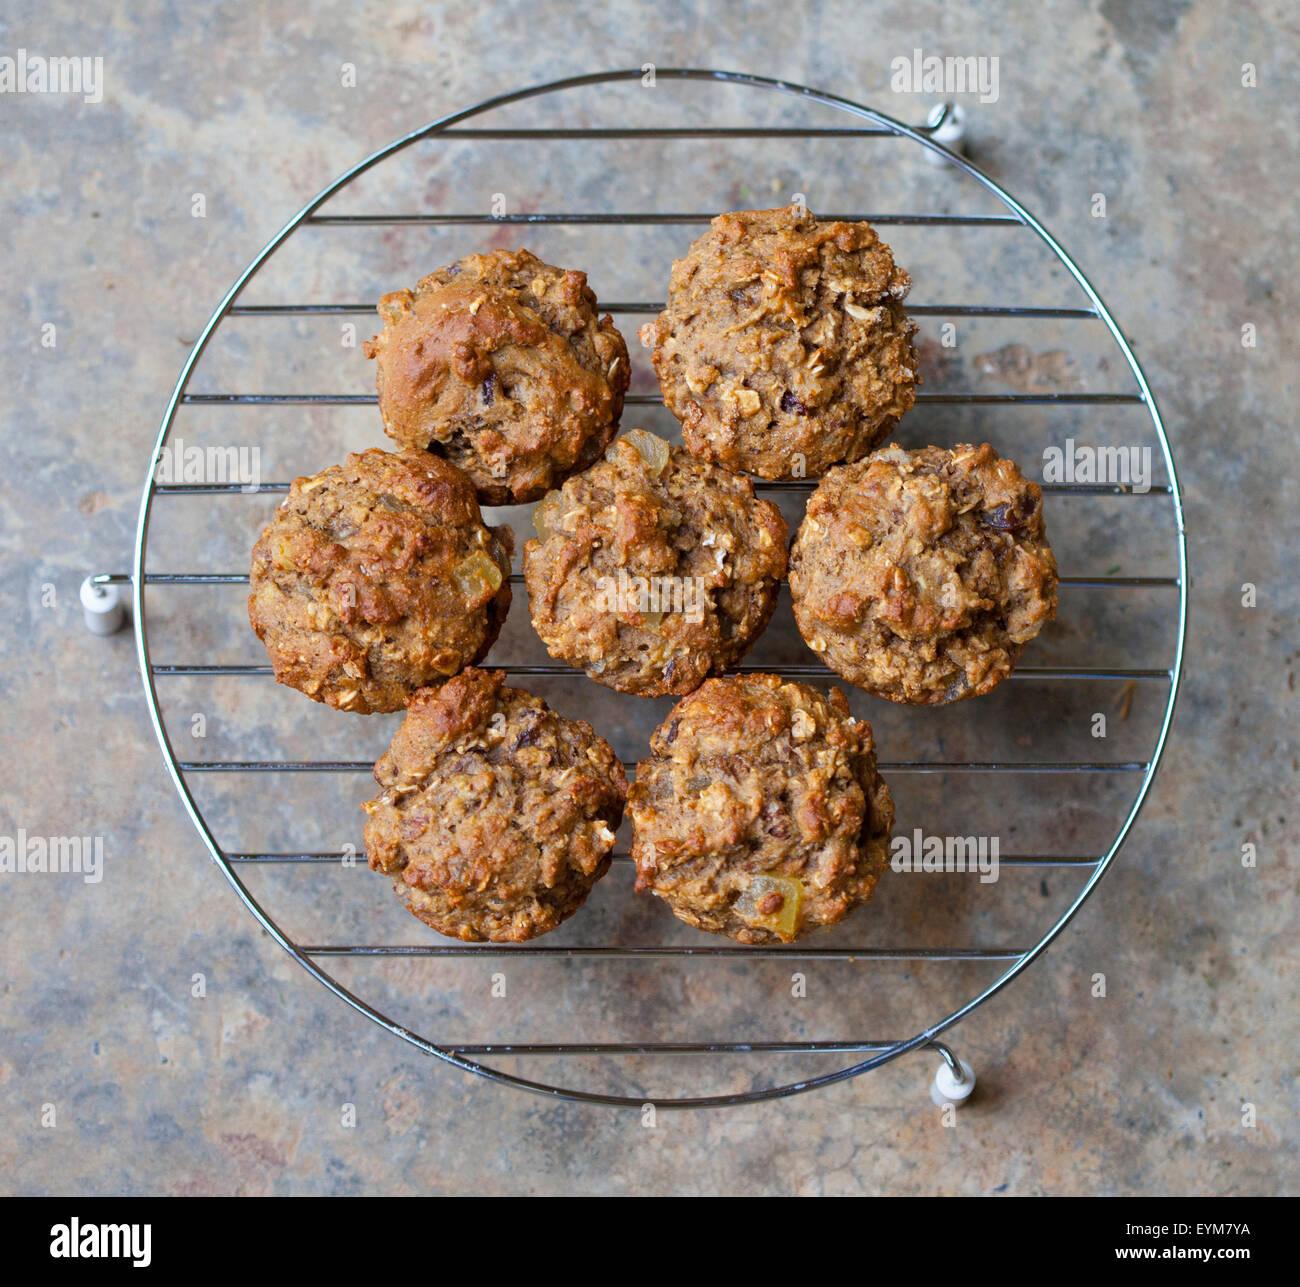 Frisch gebackene Kleie-Muffins auf einem Kuchengitter abkühlen Stockbild